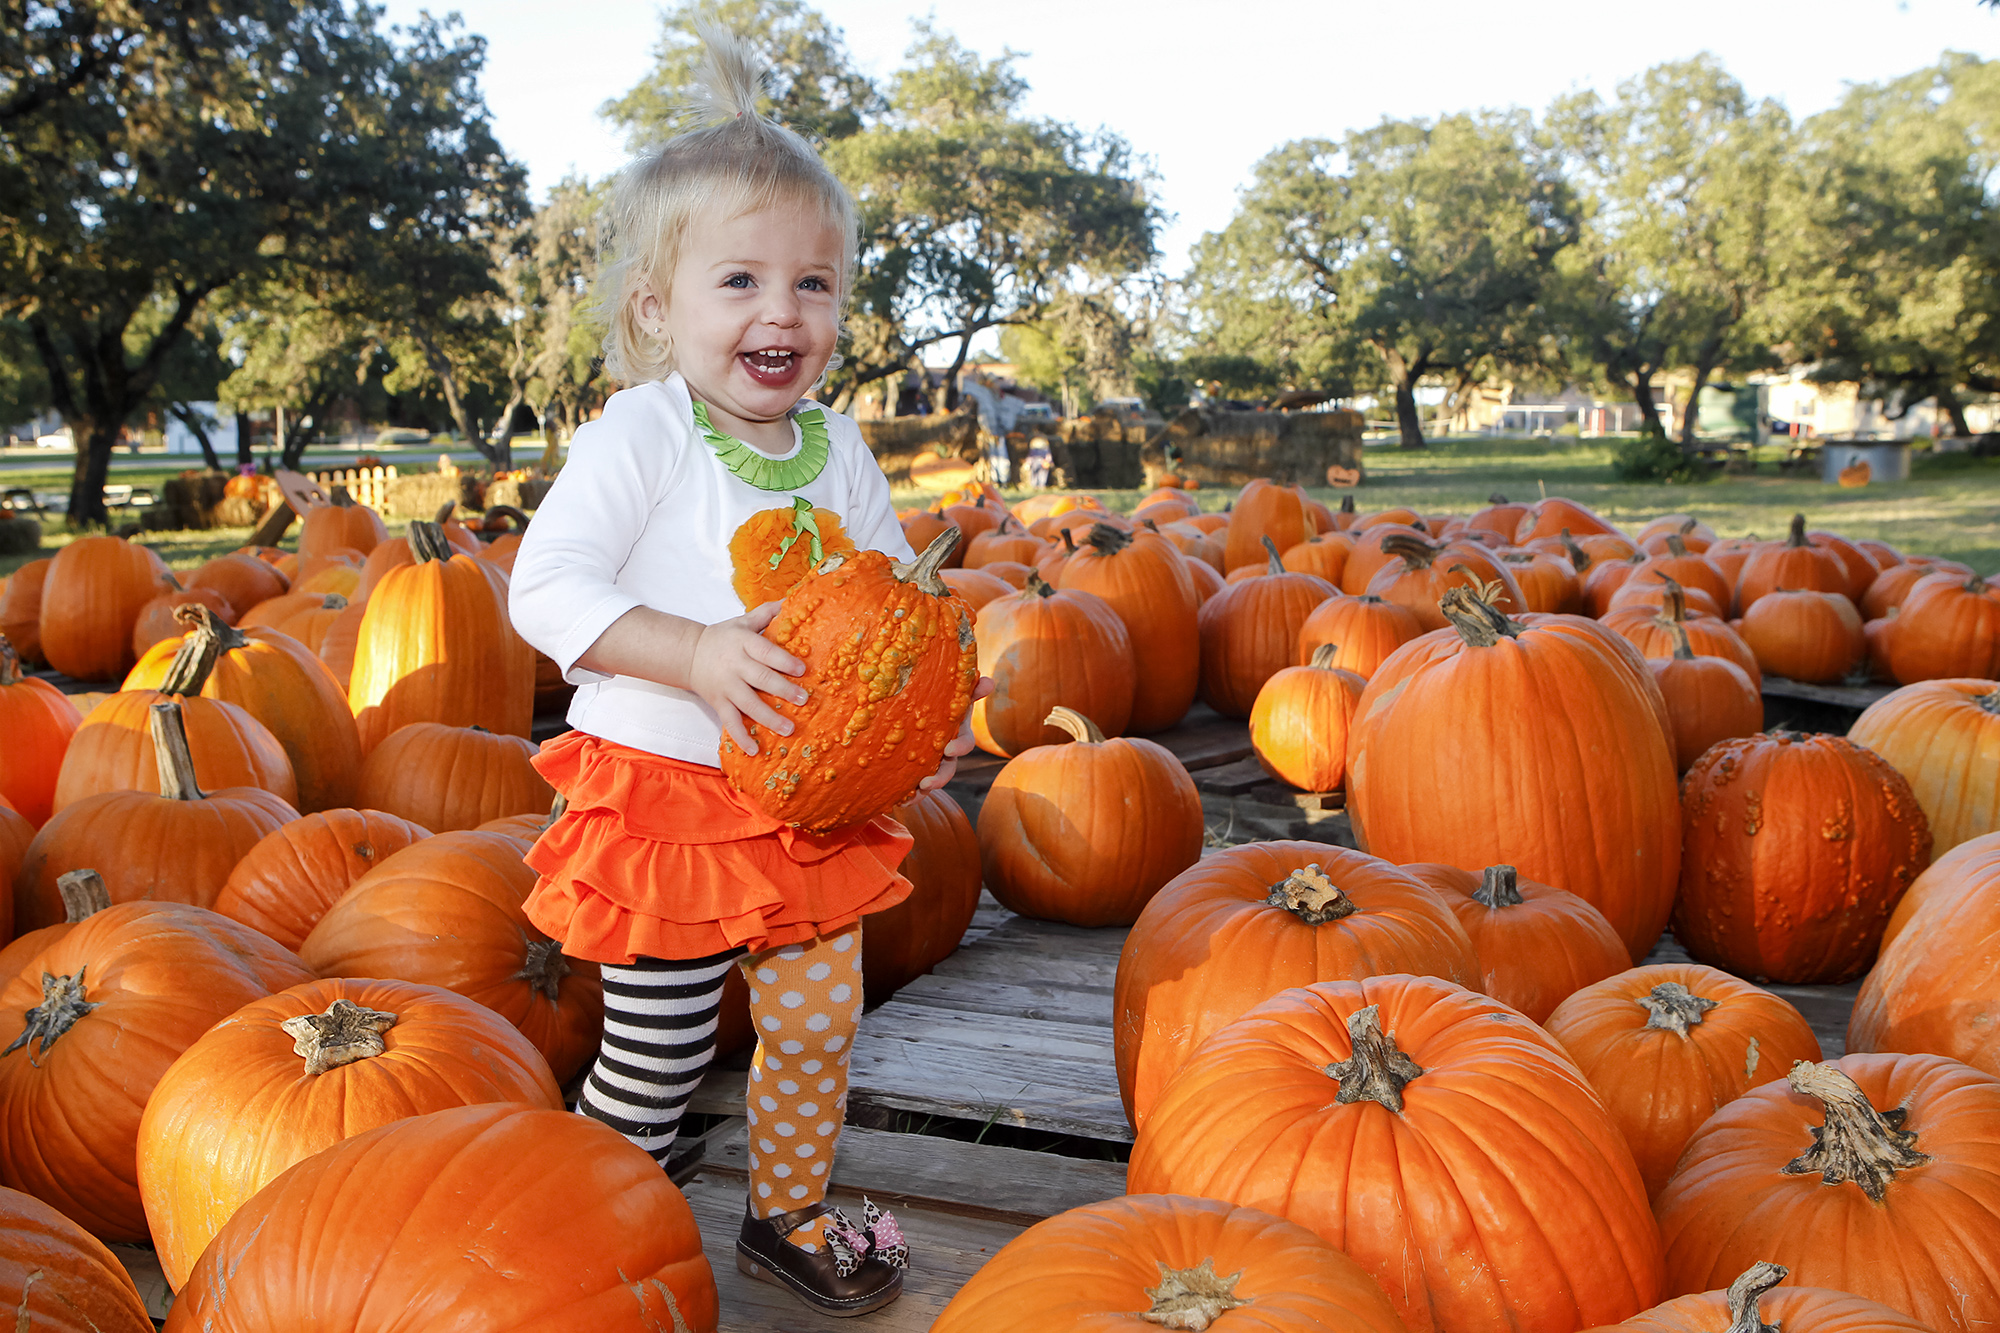 Tambalan labu untuk dikunjungi di daerah San Antonio musim gugur ini